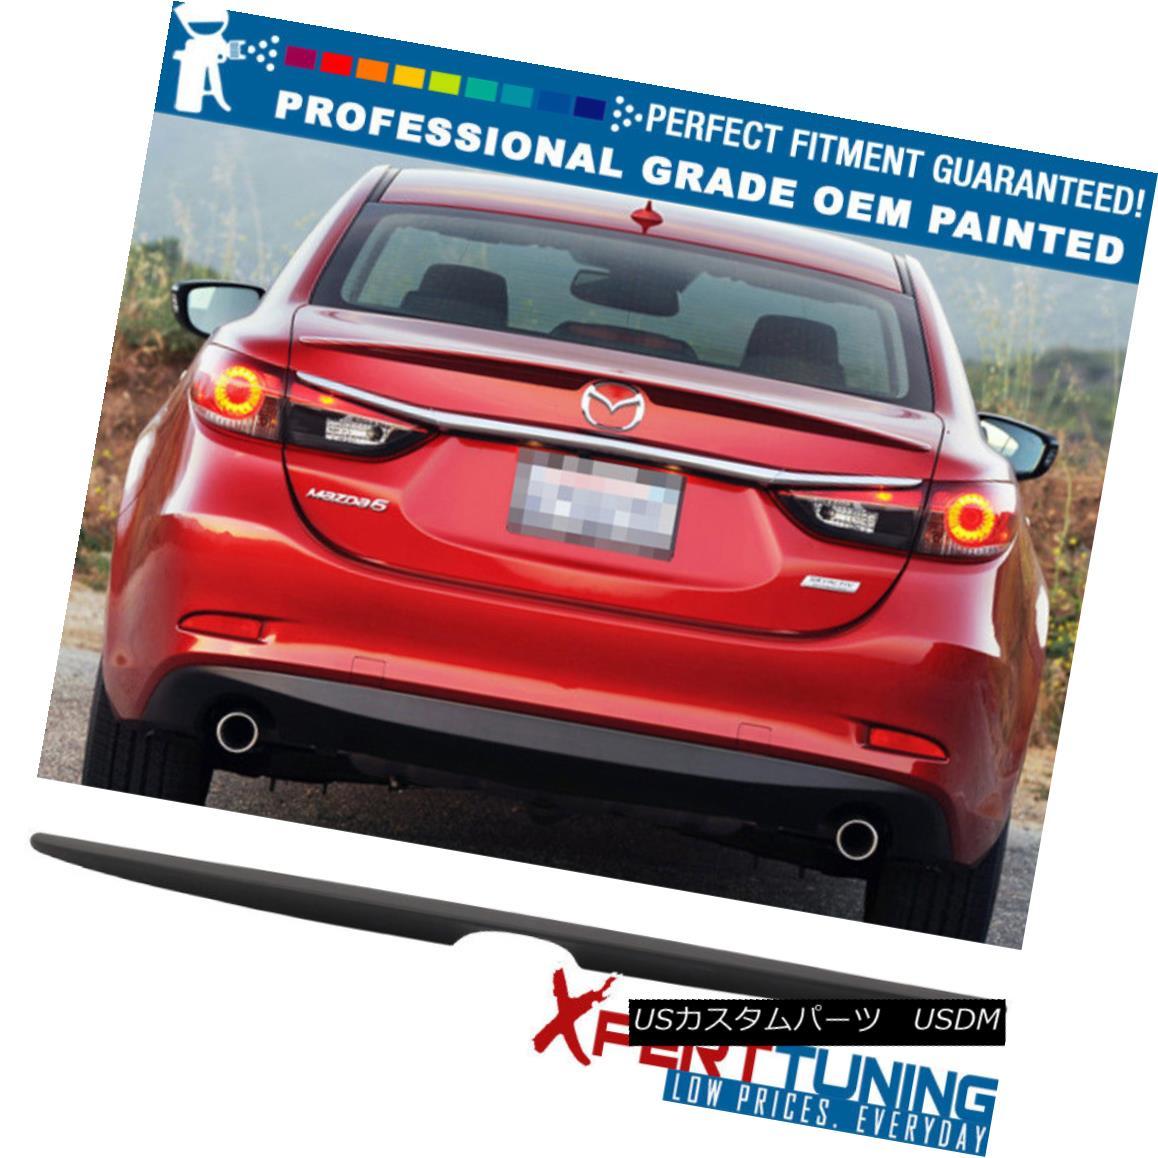 エアロパーツ Fit 14-18 Mazda6 Sedan OE Factory Flush Mount Trunk Spoiler OEM Painted Color フィット14-18 Mazda6セダンOE工場フラッシュマウントトレンクスポイラーOEM塗装色